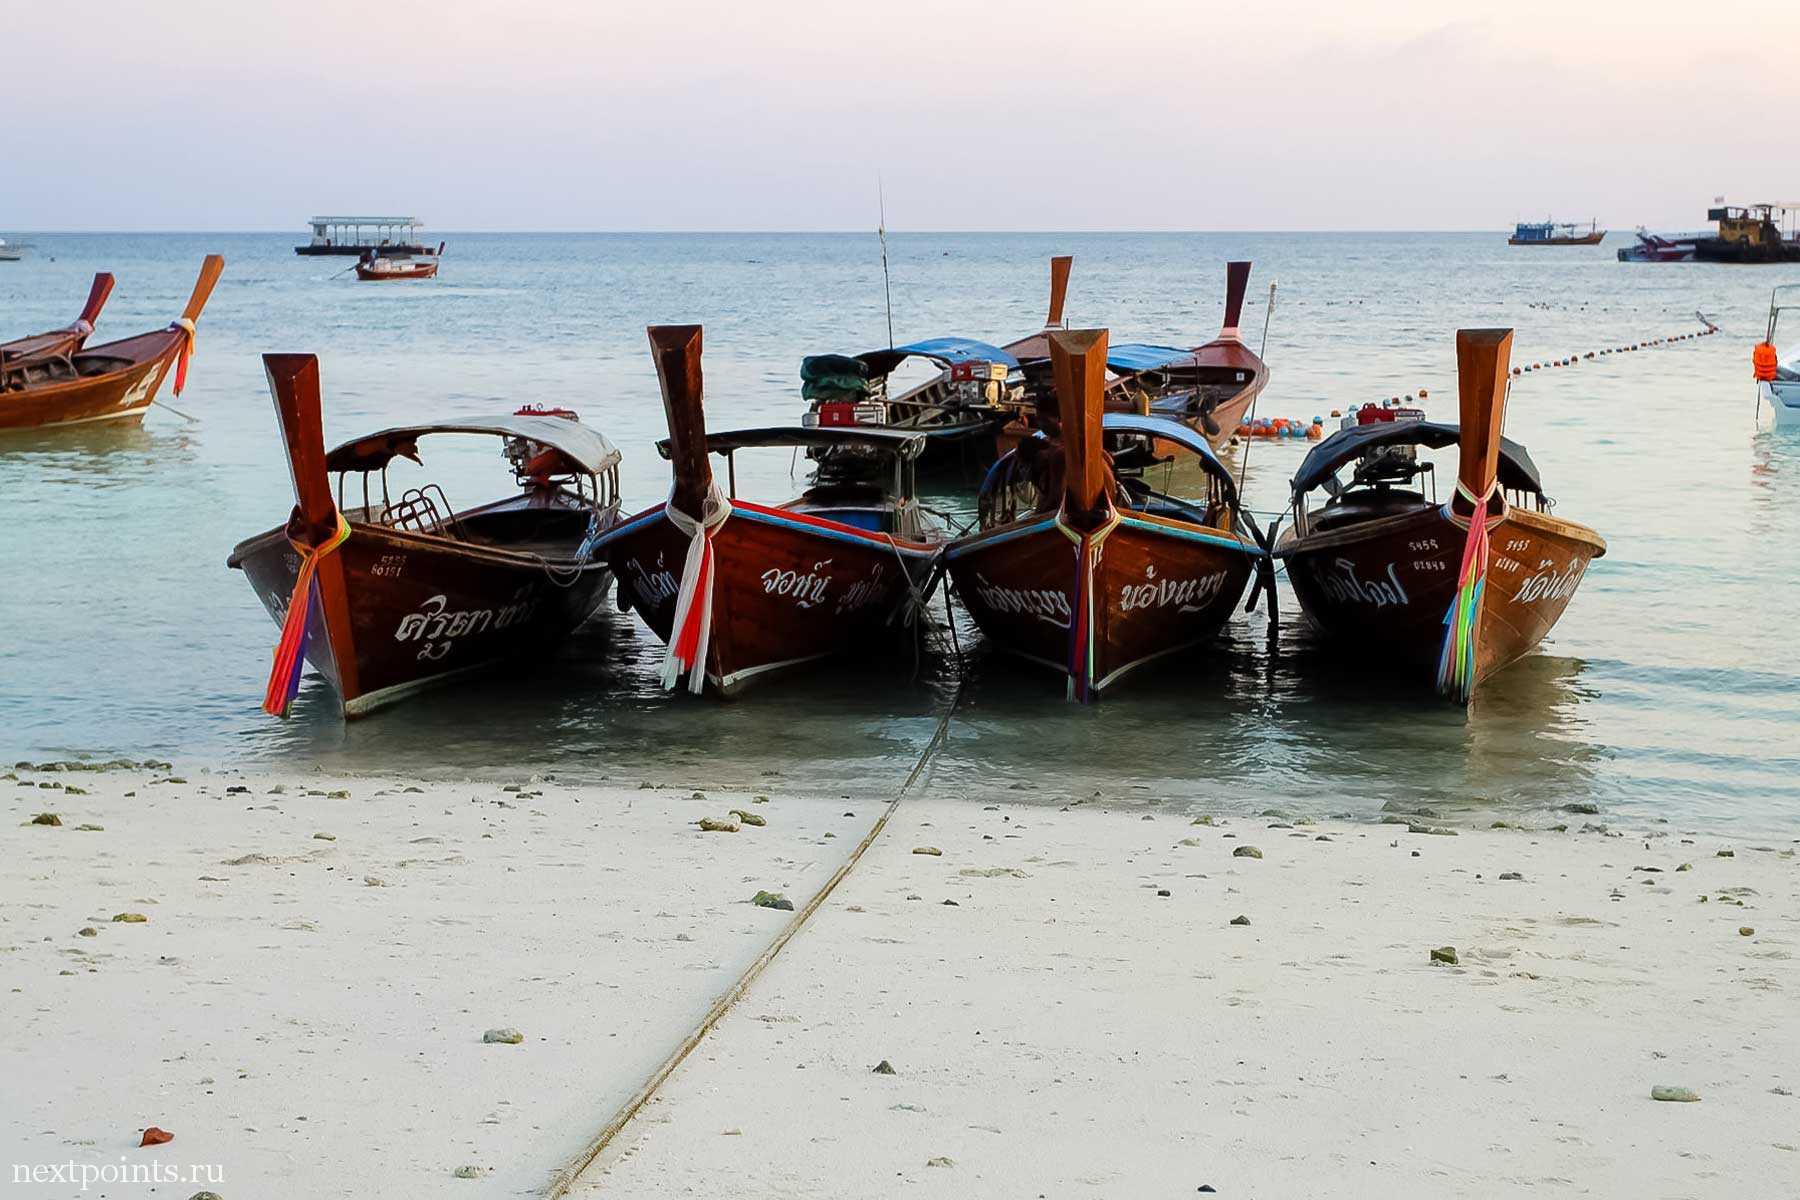 Тайские лодки на острове Ко Липе (Koh Lipe) в Таиланде